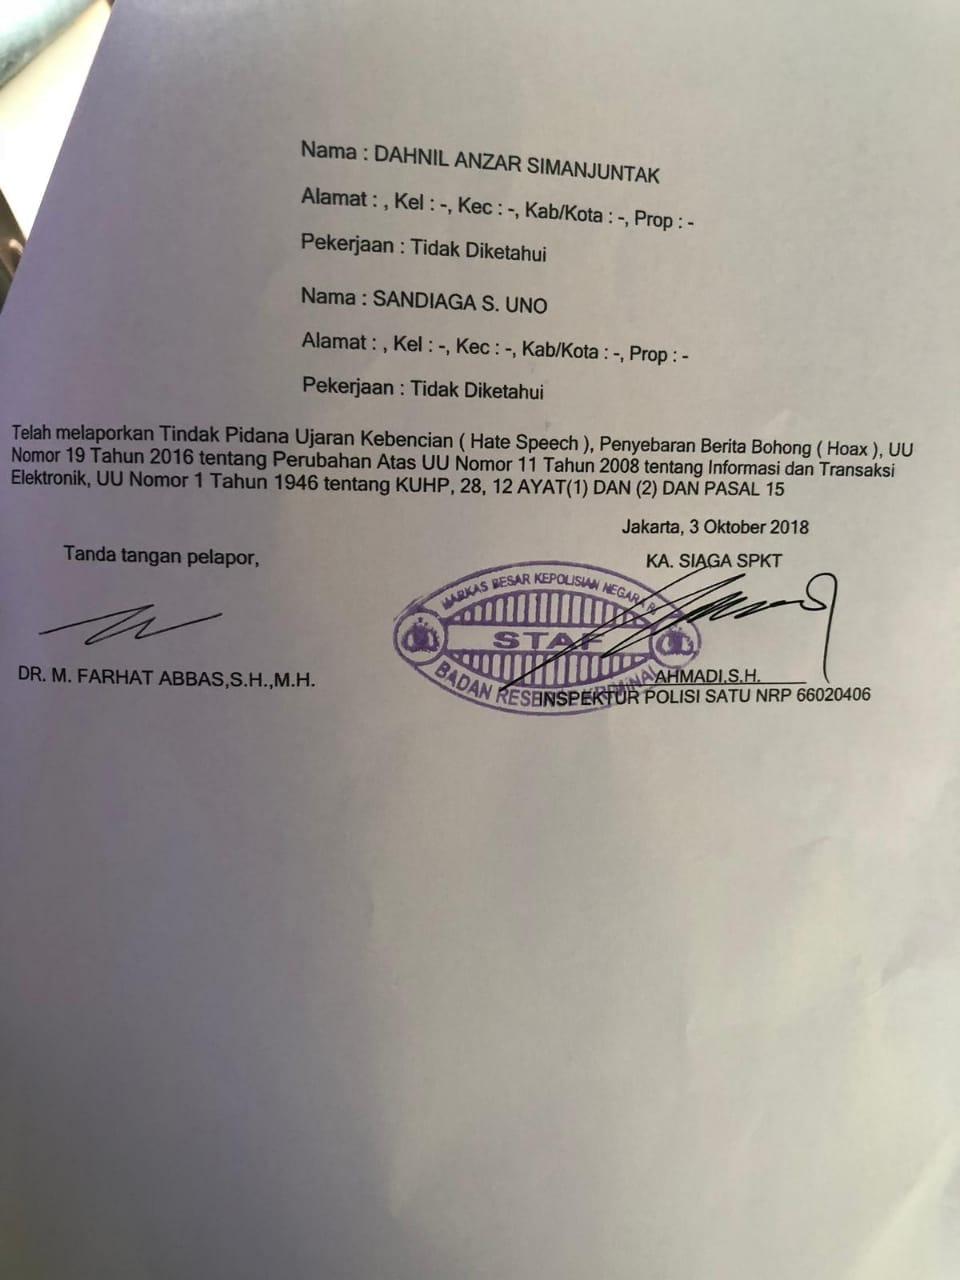 Draft laporan Farhat Abbas (3)